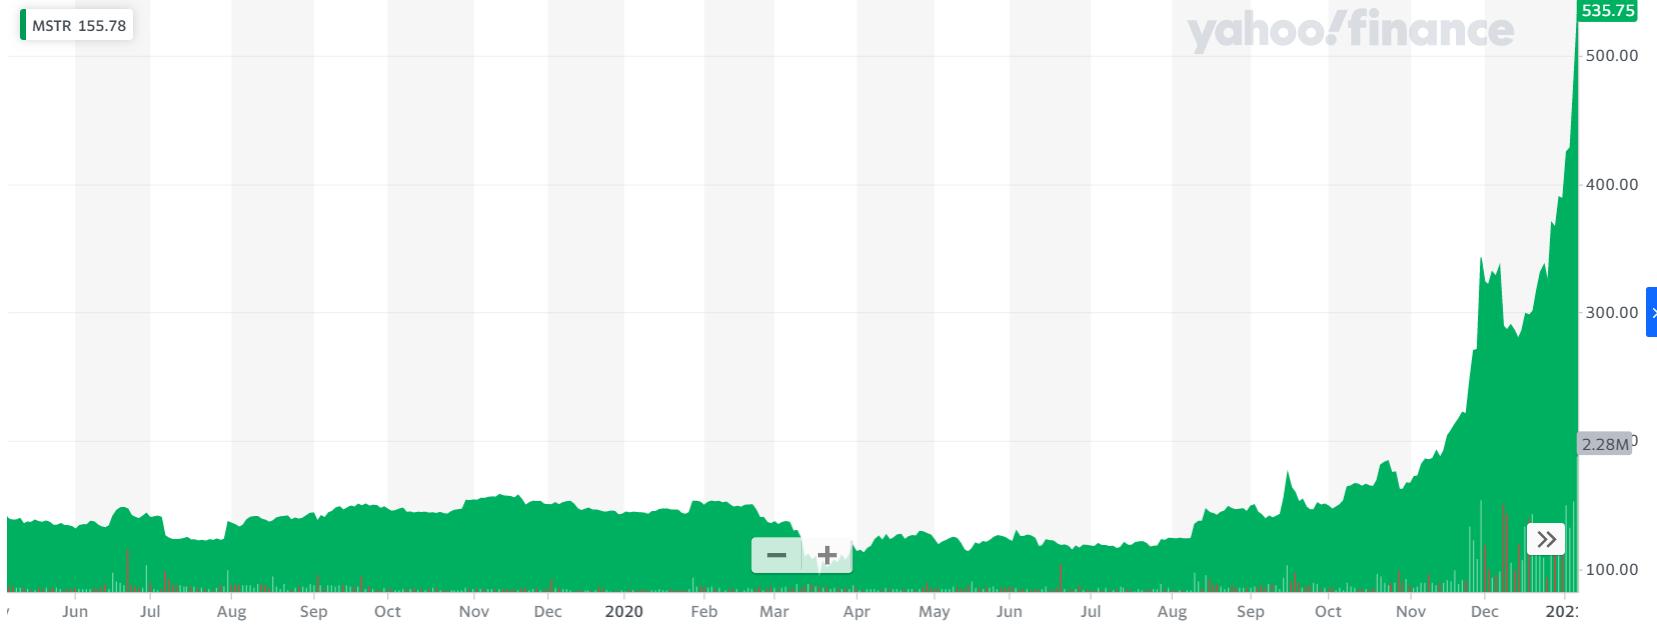 Акции MicroStrategy наконец-то взяли передышку после массивного ралли, вдохновленного BTC